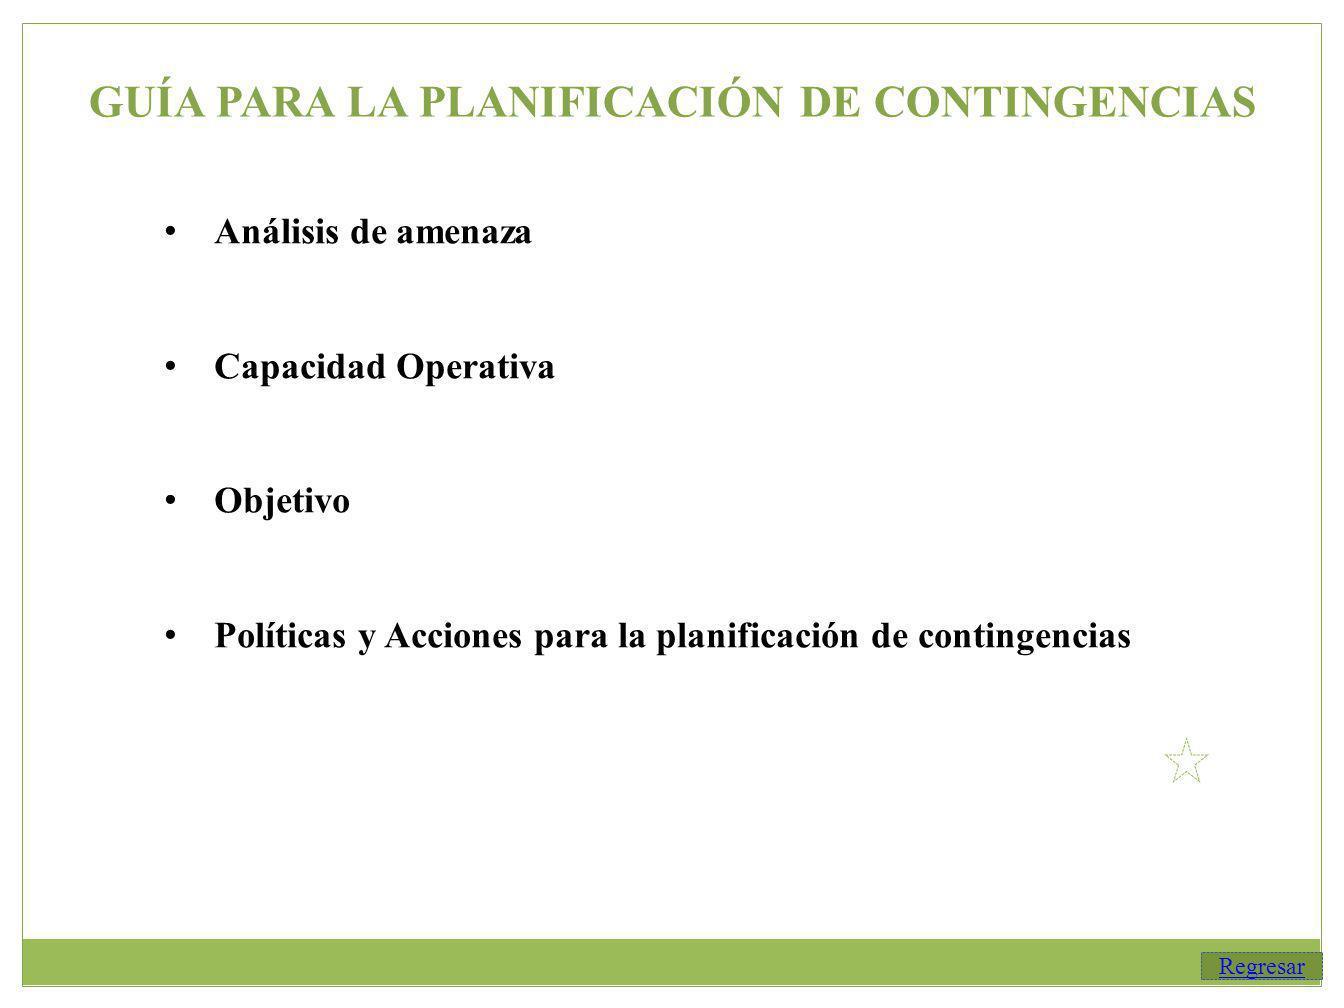 GUÍA PARA LA PLANIFICACIÓN DE CONTINGENCIAS